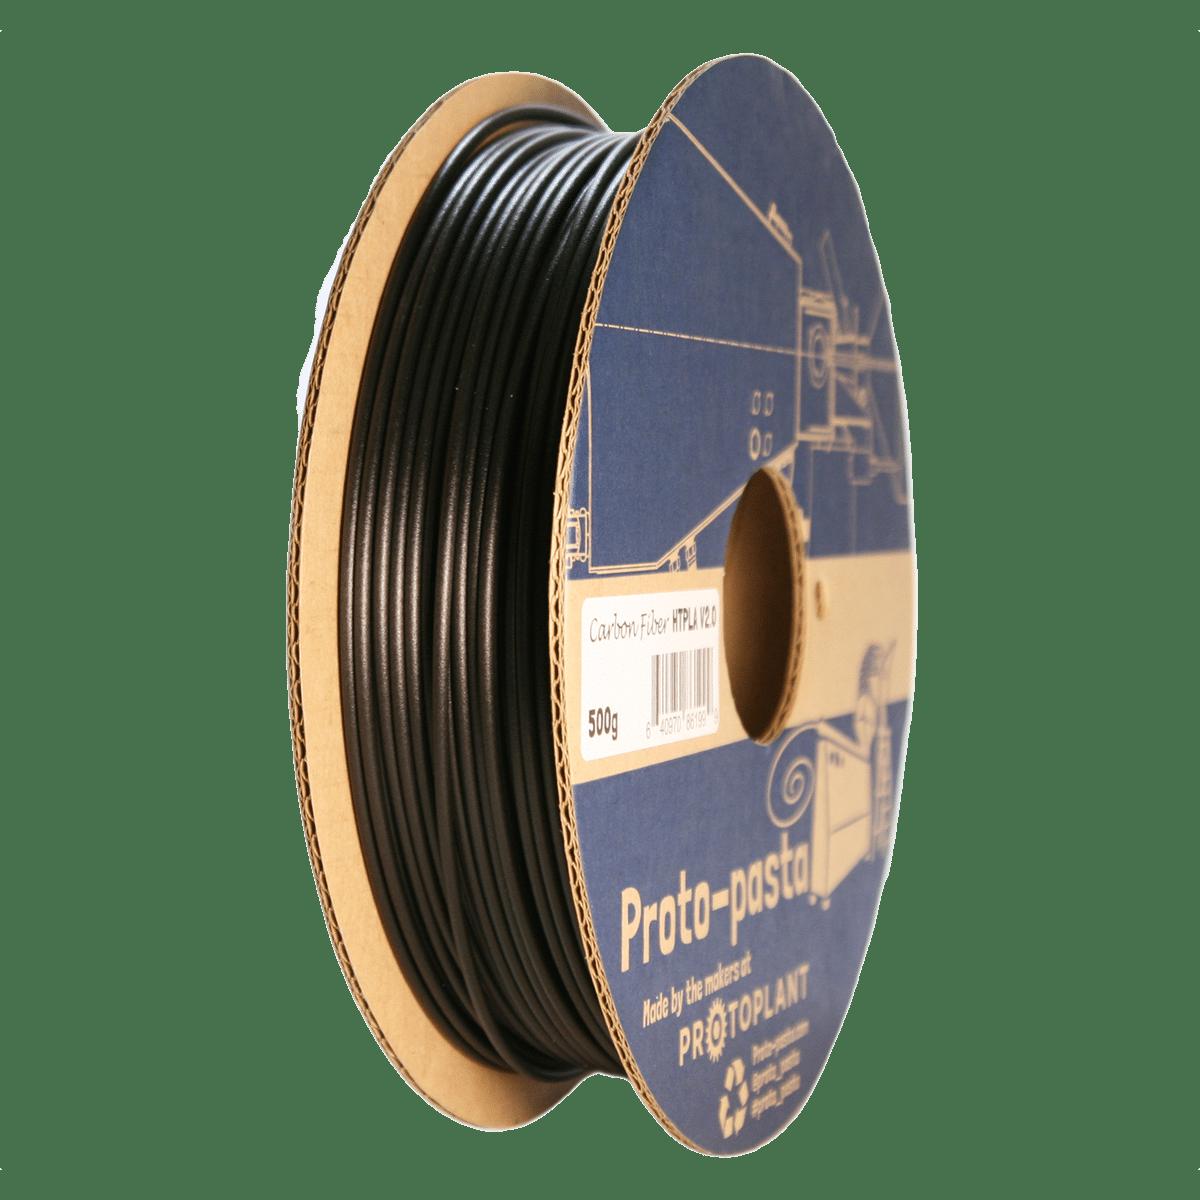 Billede af Proto-pasta High Performance HTPLA V2 Carbon Fiber 1,75mm 500g